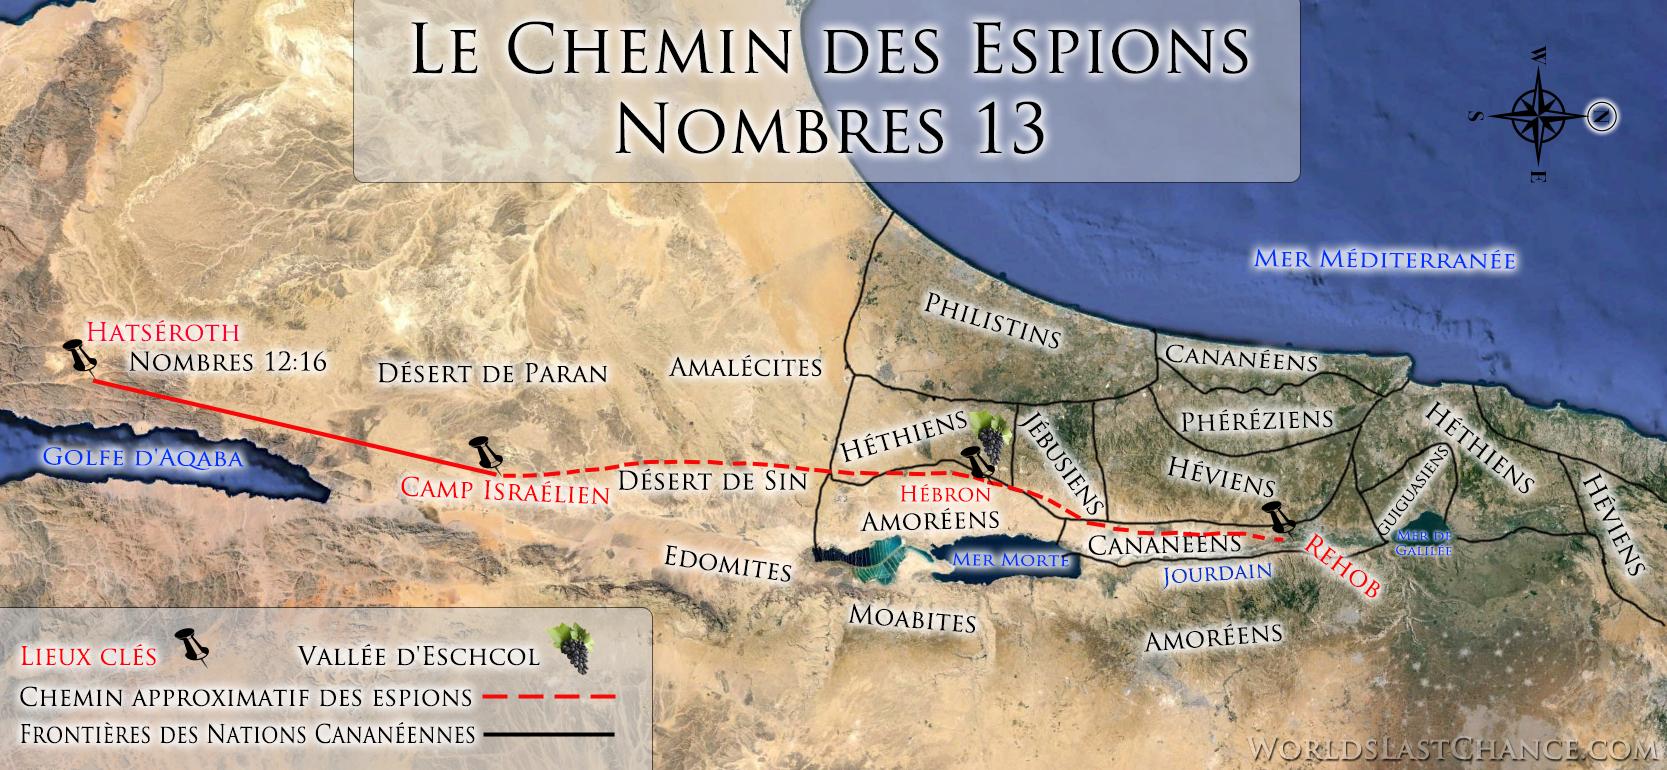 Le chemin des espions lors de l'exploration de Canaan (pays des Nephilim) en Nombres 13